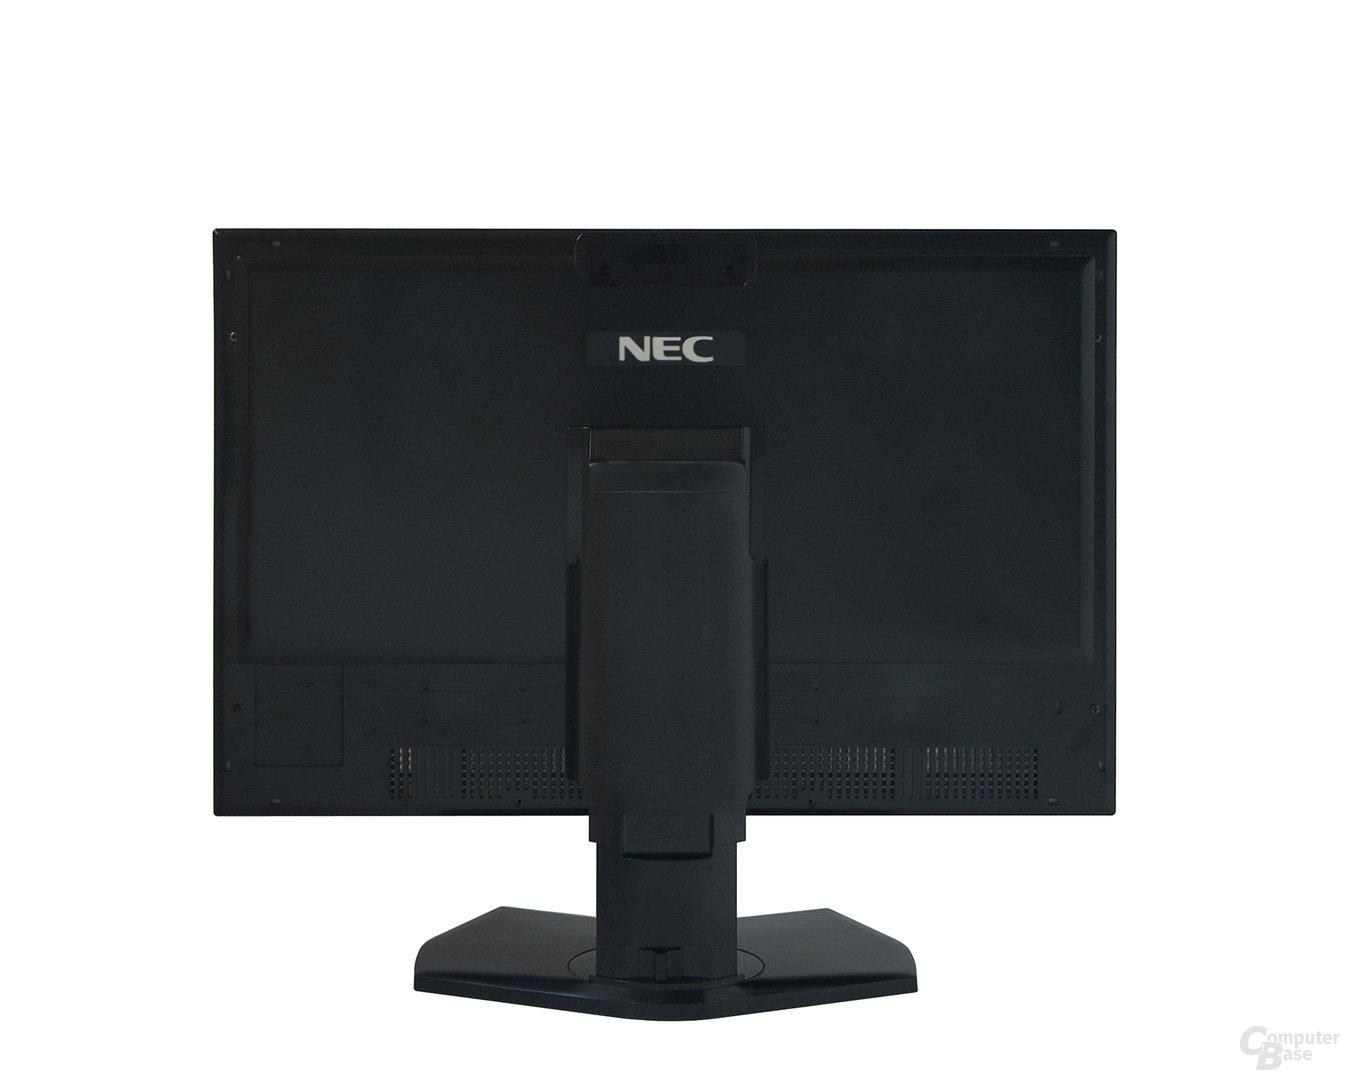 NEC SpectraView 231